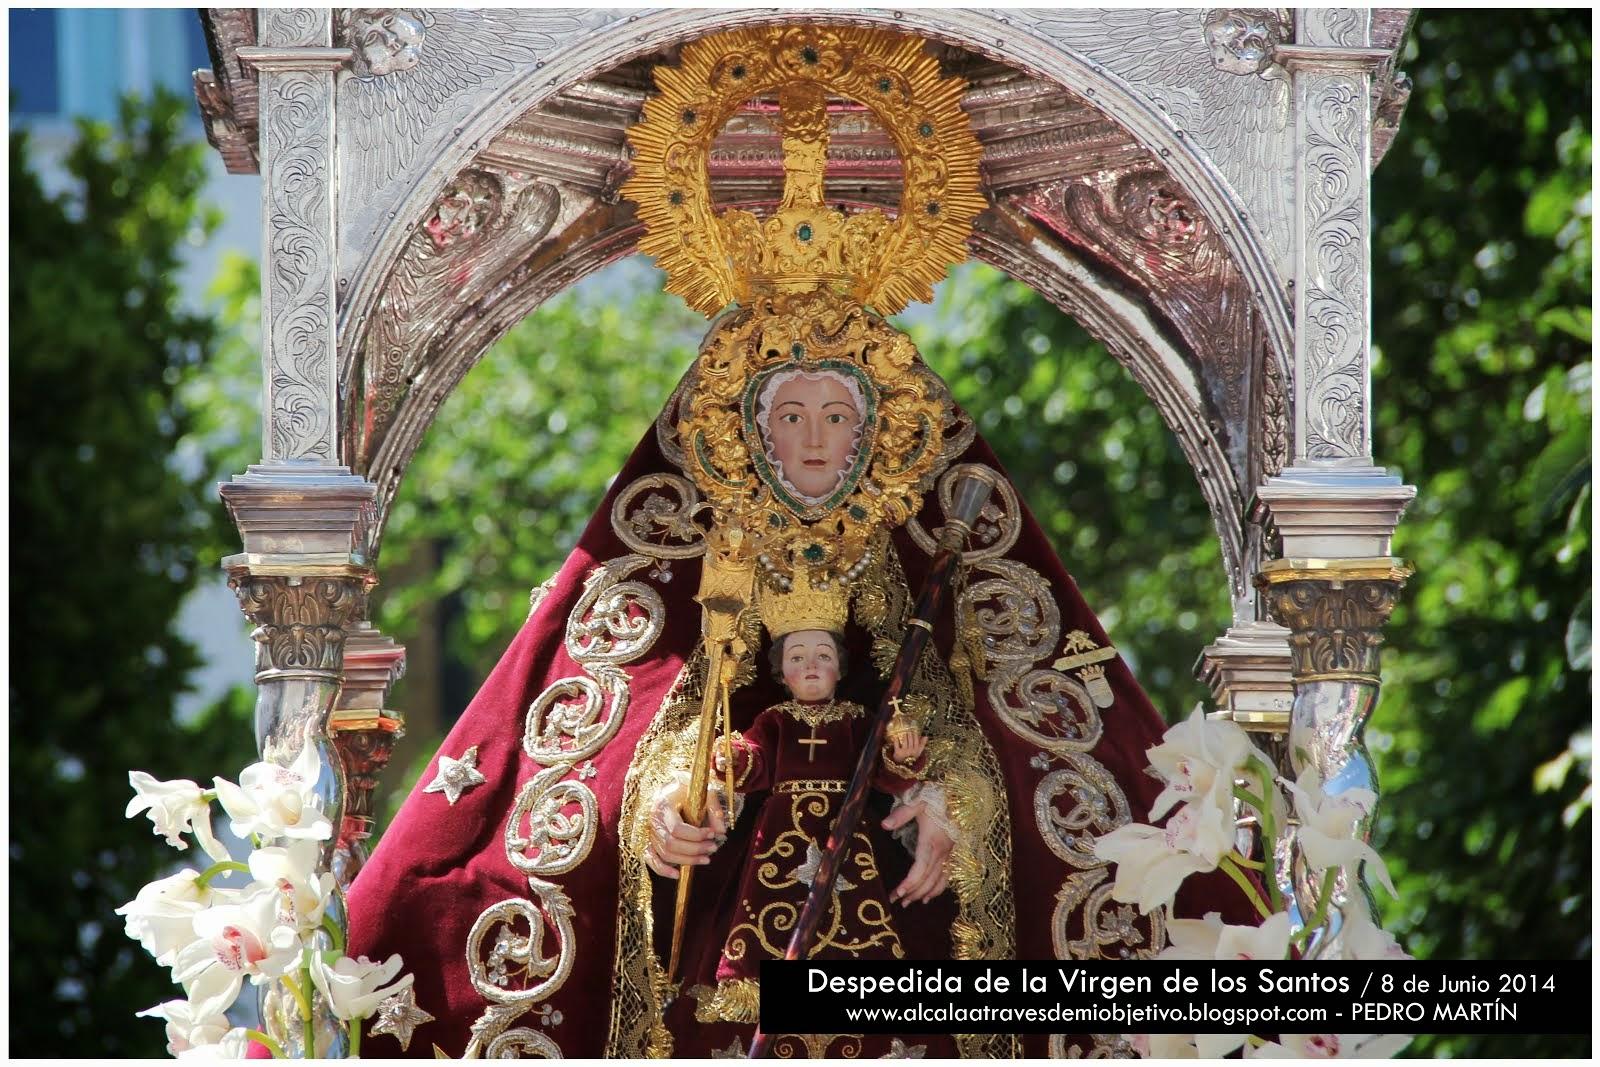 MARÍA DE LOS SANTOS, PATRONA DE ALCALÁ DE LOS GAZULES